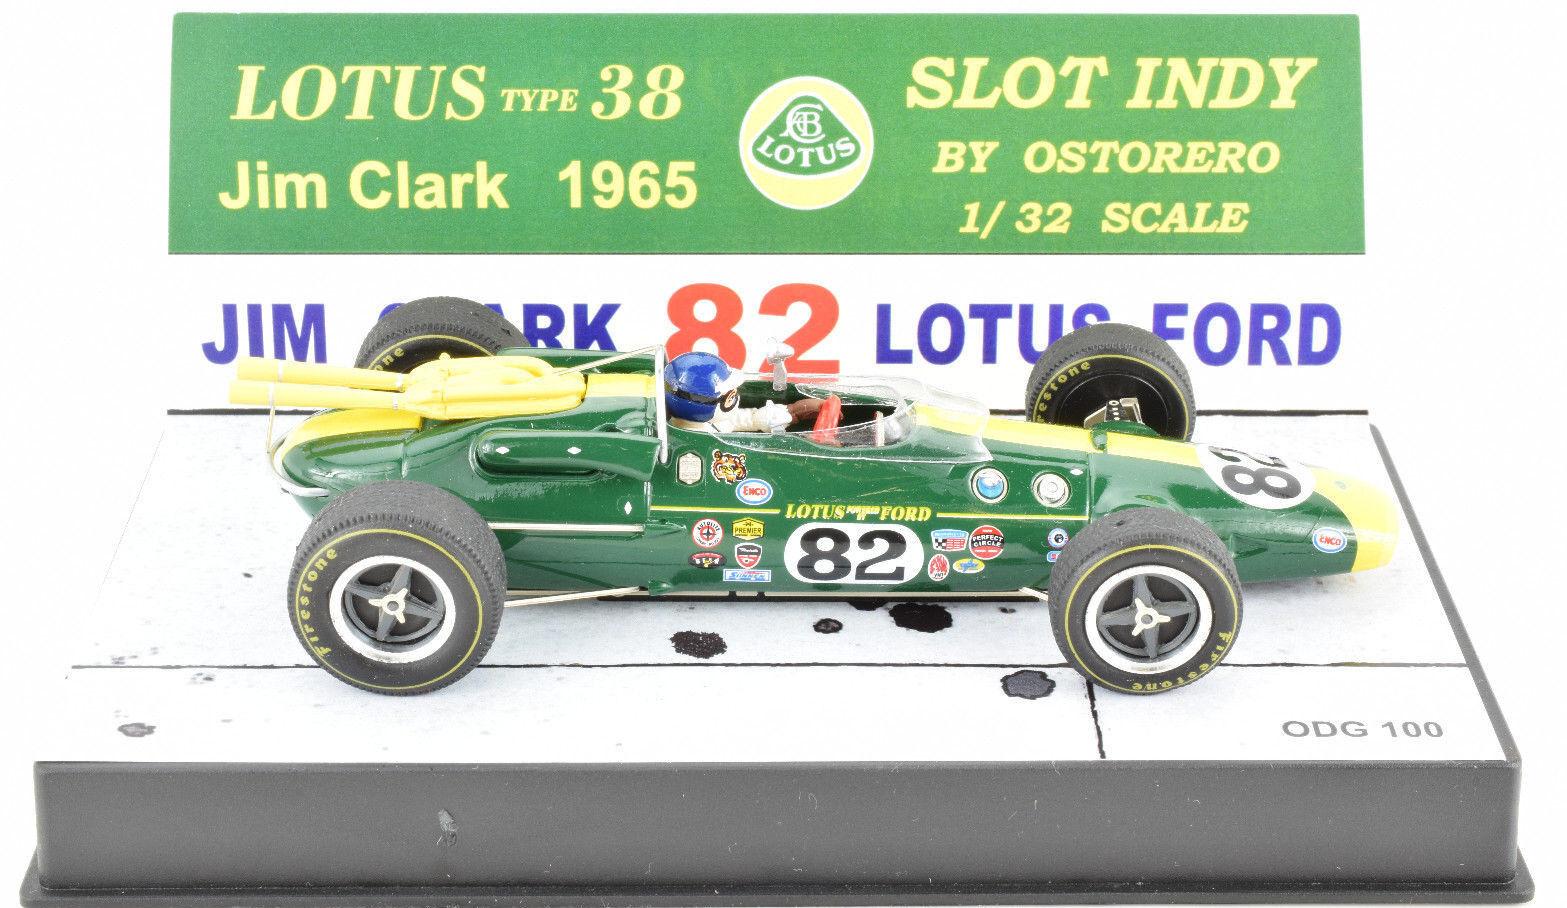 Ostorero Lotusタイプ38-ジム・クラーク-1965のインディ500 1 / 32スケールスロットカーODG 100